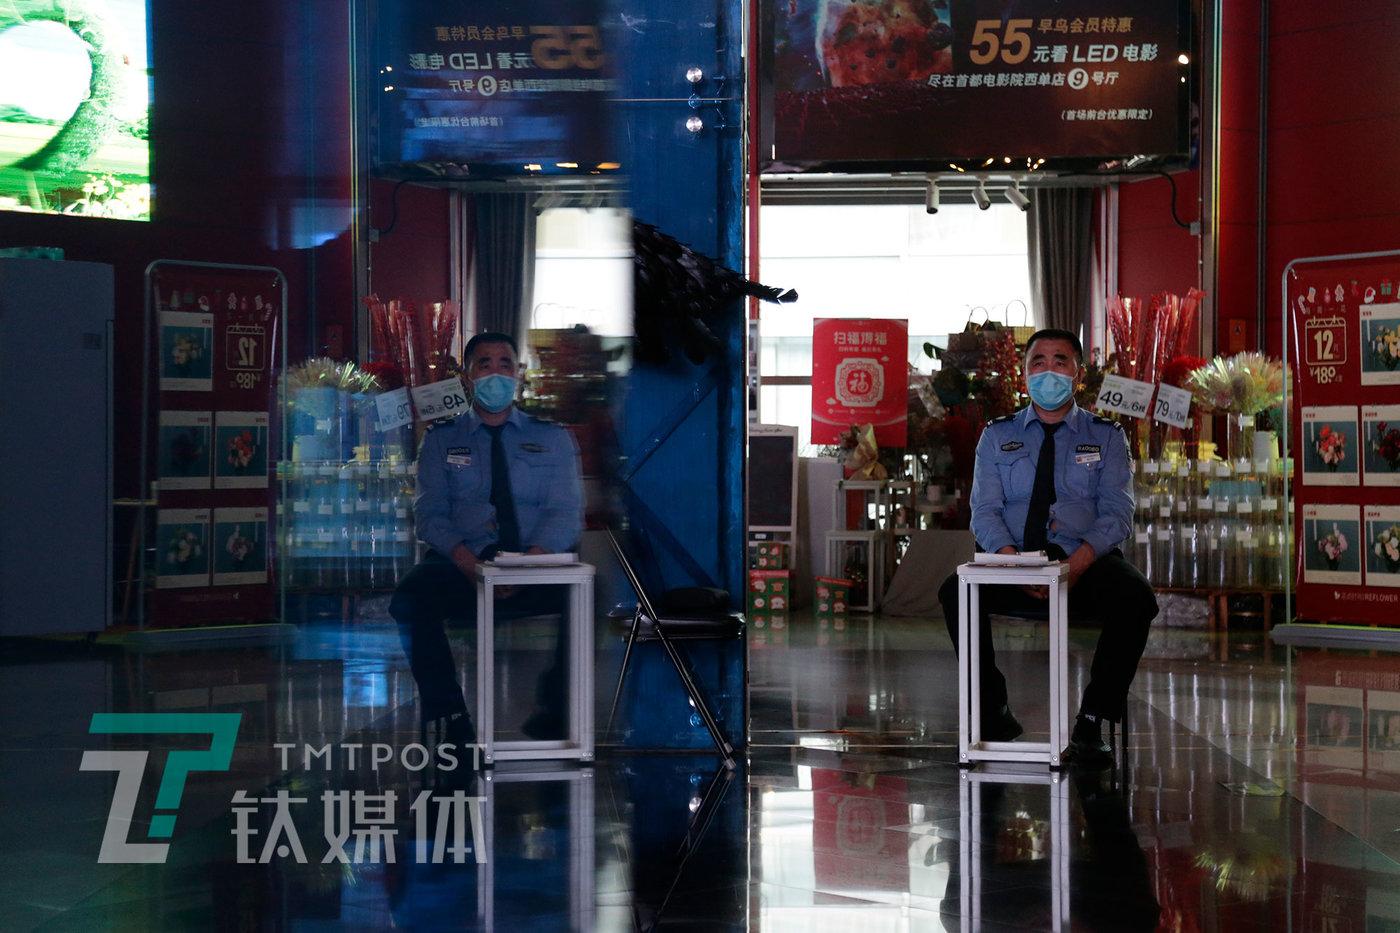 5月8日,保安坐在空无一人的大厅。